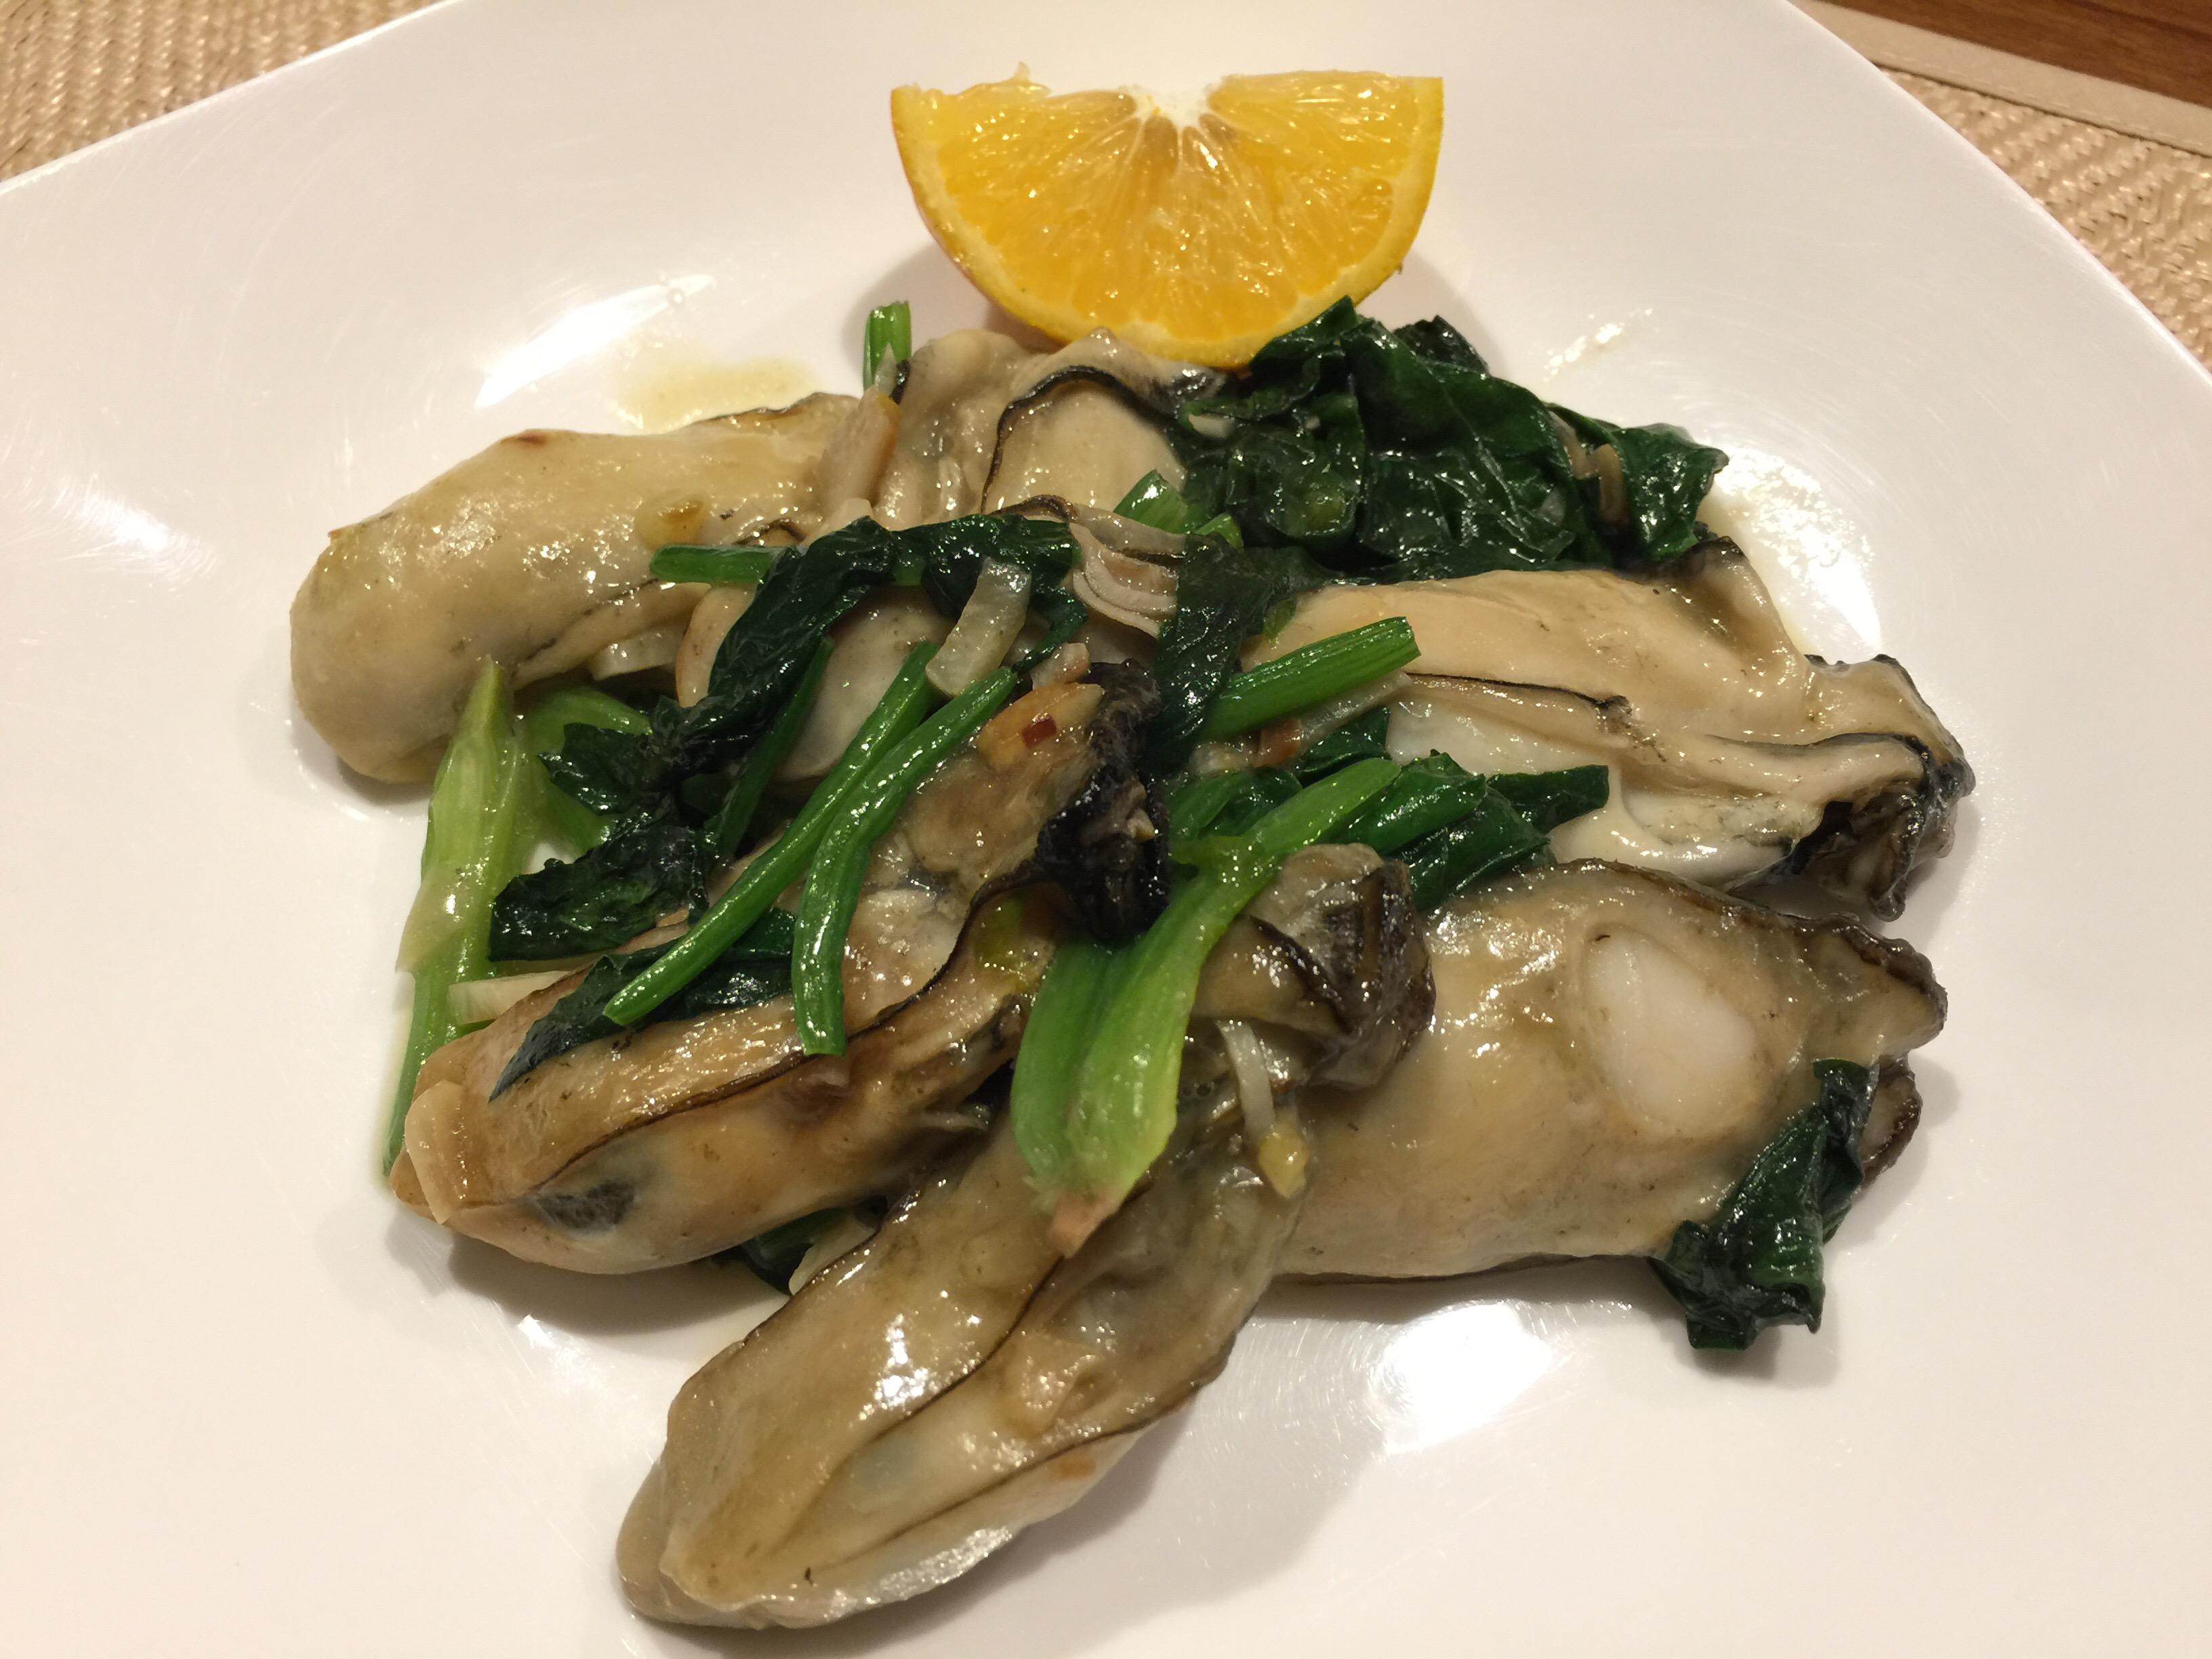 山田町にふるさと納税 今年も「むき身のカキ」を選択 大粒で美味しいです!